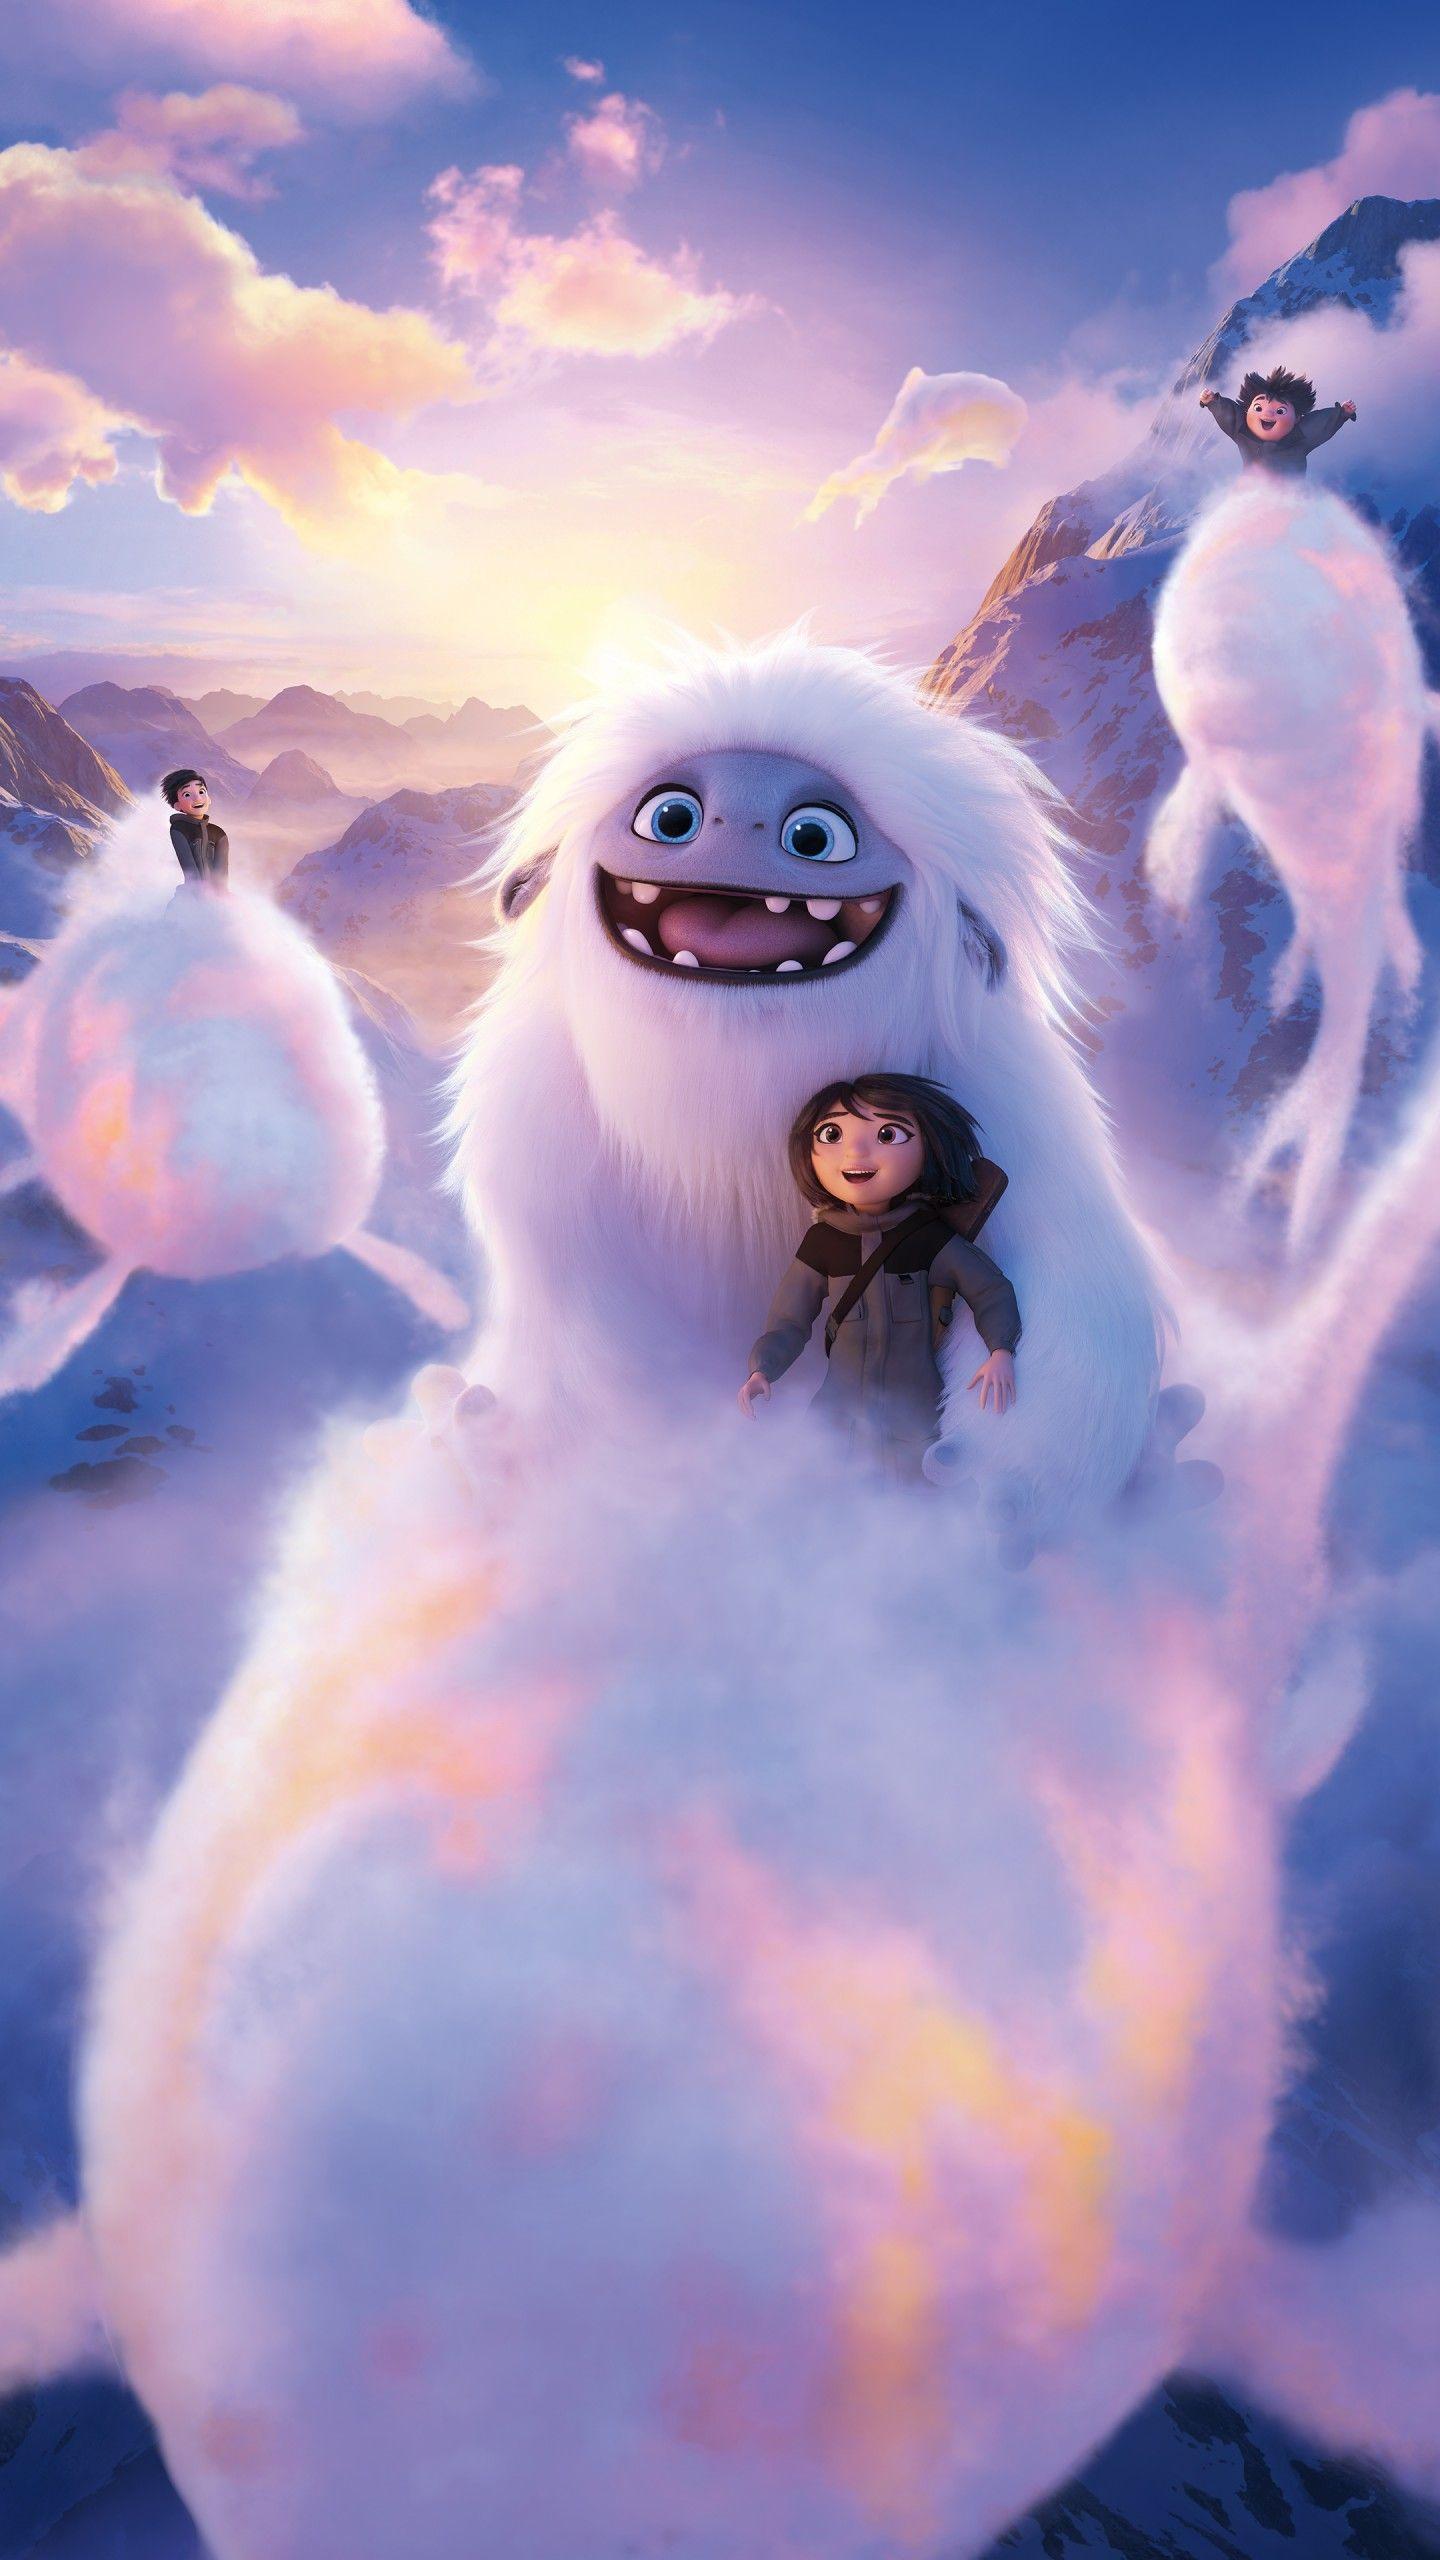 Yeti Efsanesi Abominable Buyulu Ozellikleri Olan Yavru Bir Yeti Varliginin Hikayesi Animasyon Filmler Animasyon Animasyon Karakteri